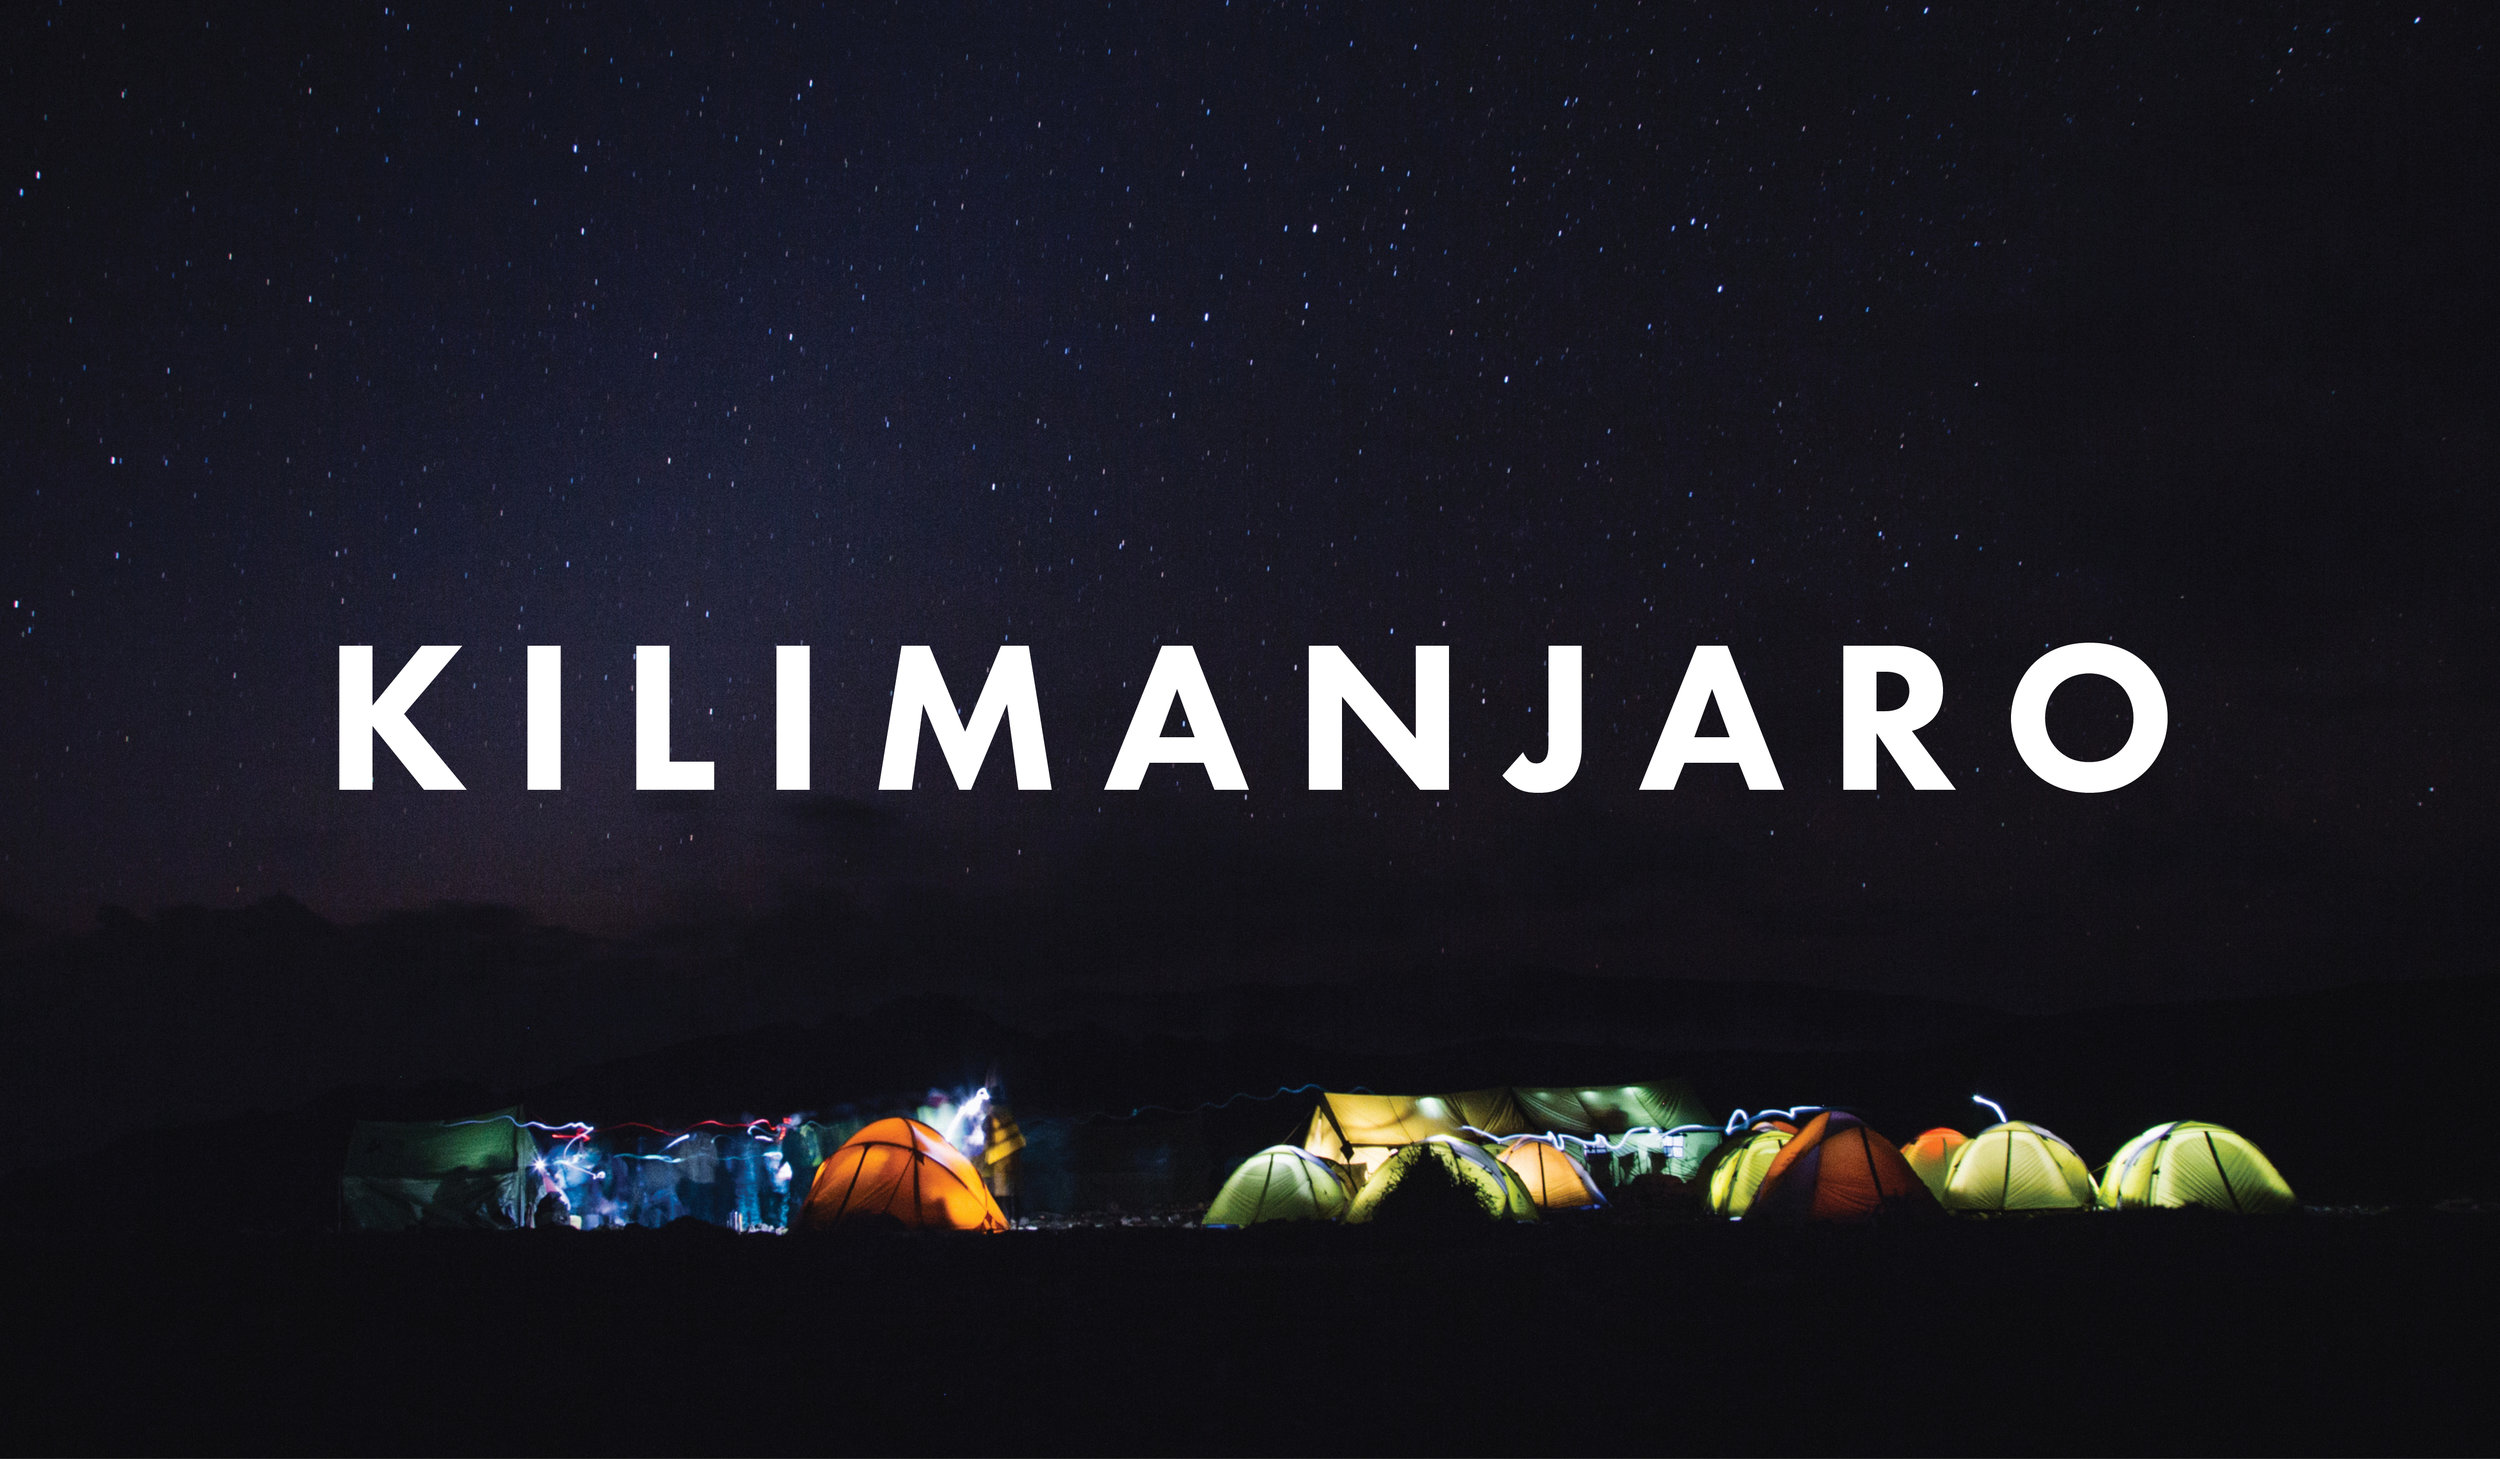 KILIMANJARO with WHOA2.jpg